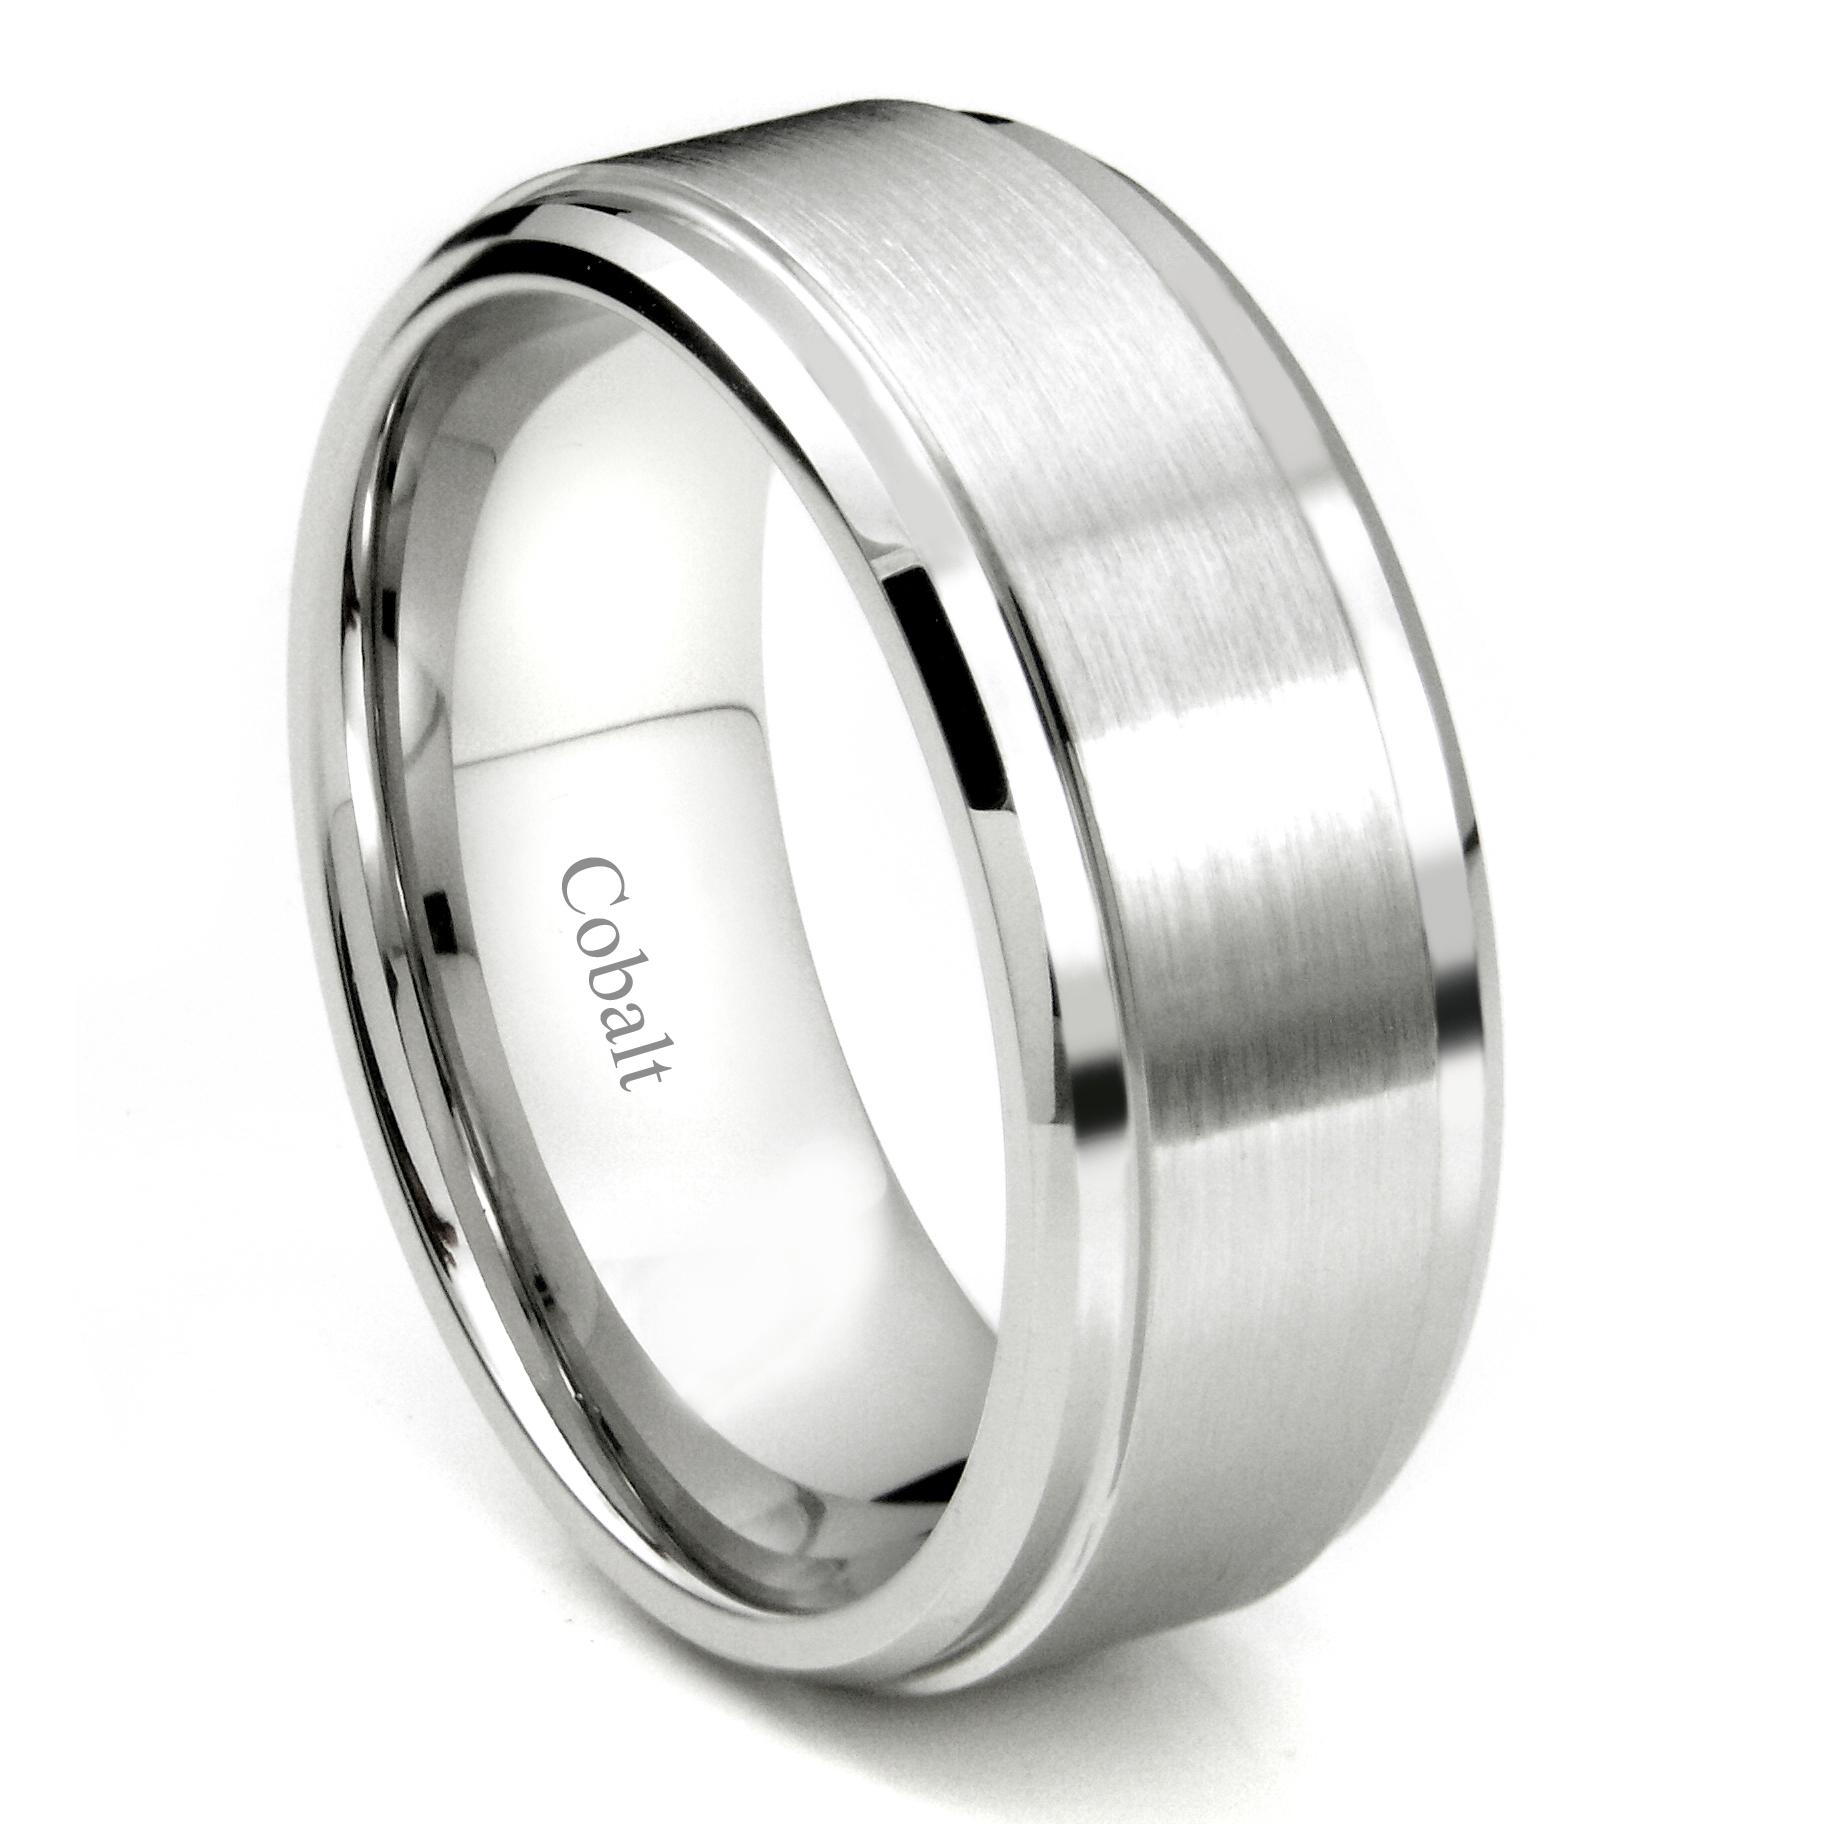 Cobalt XF Chrome 9MM Brush Center Wedding Band Ring